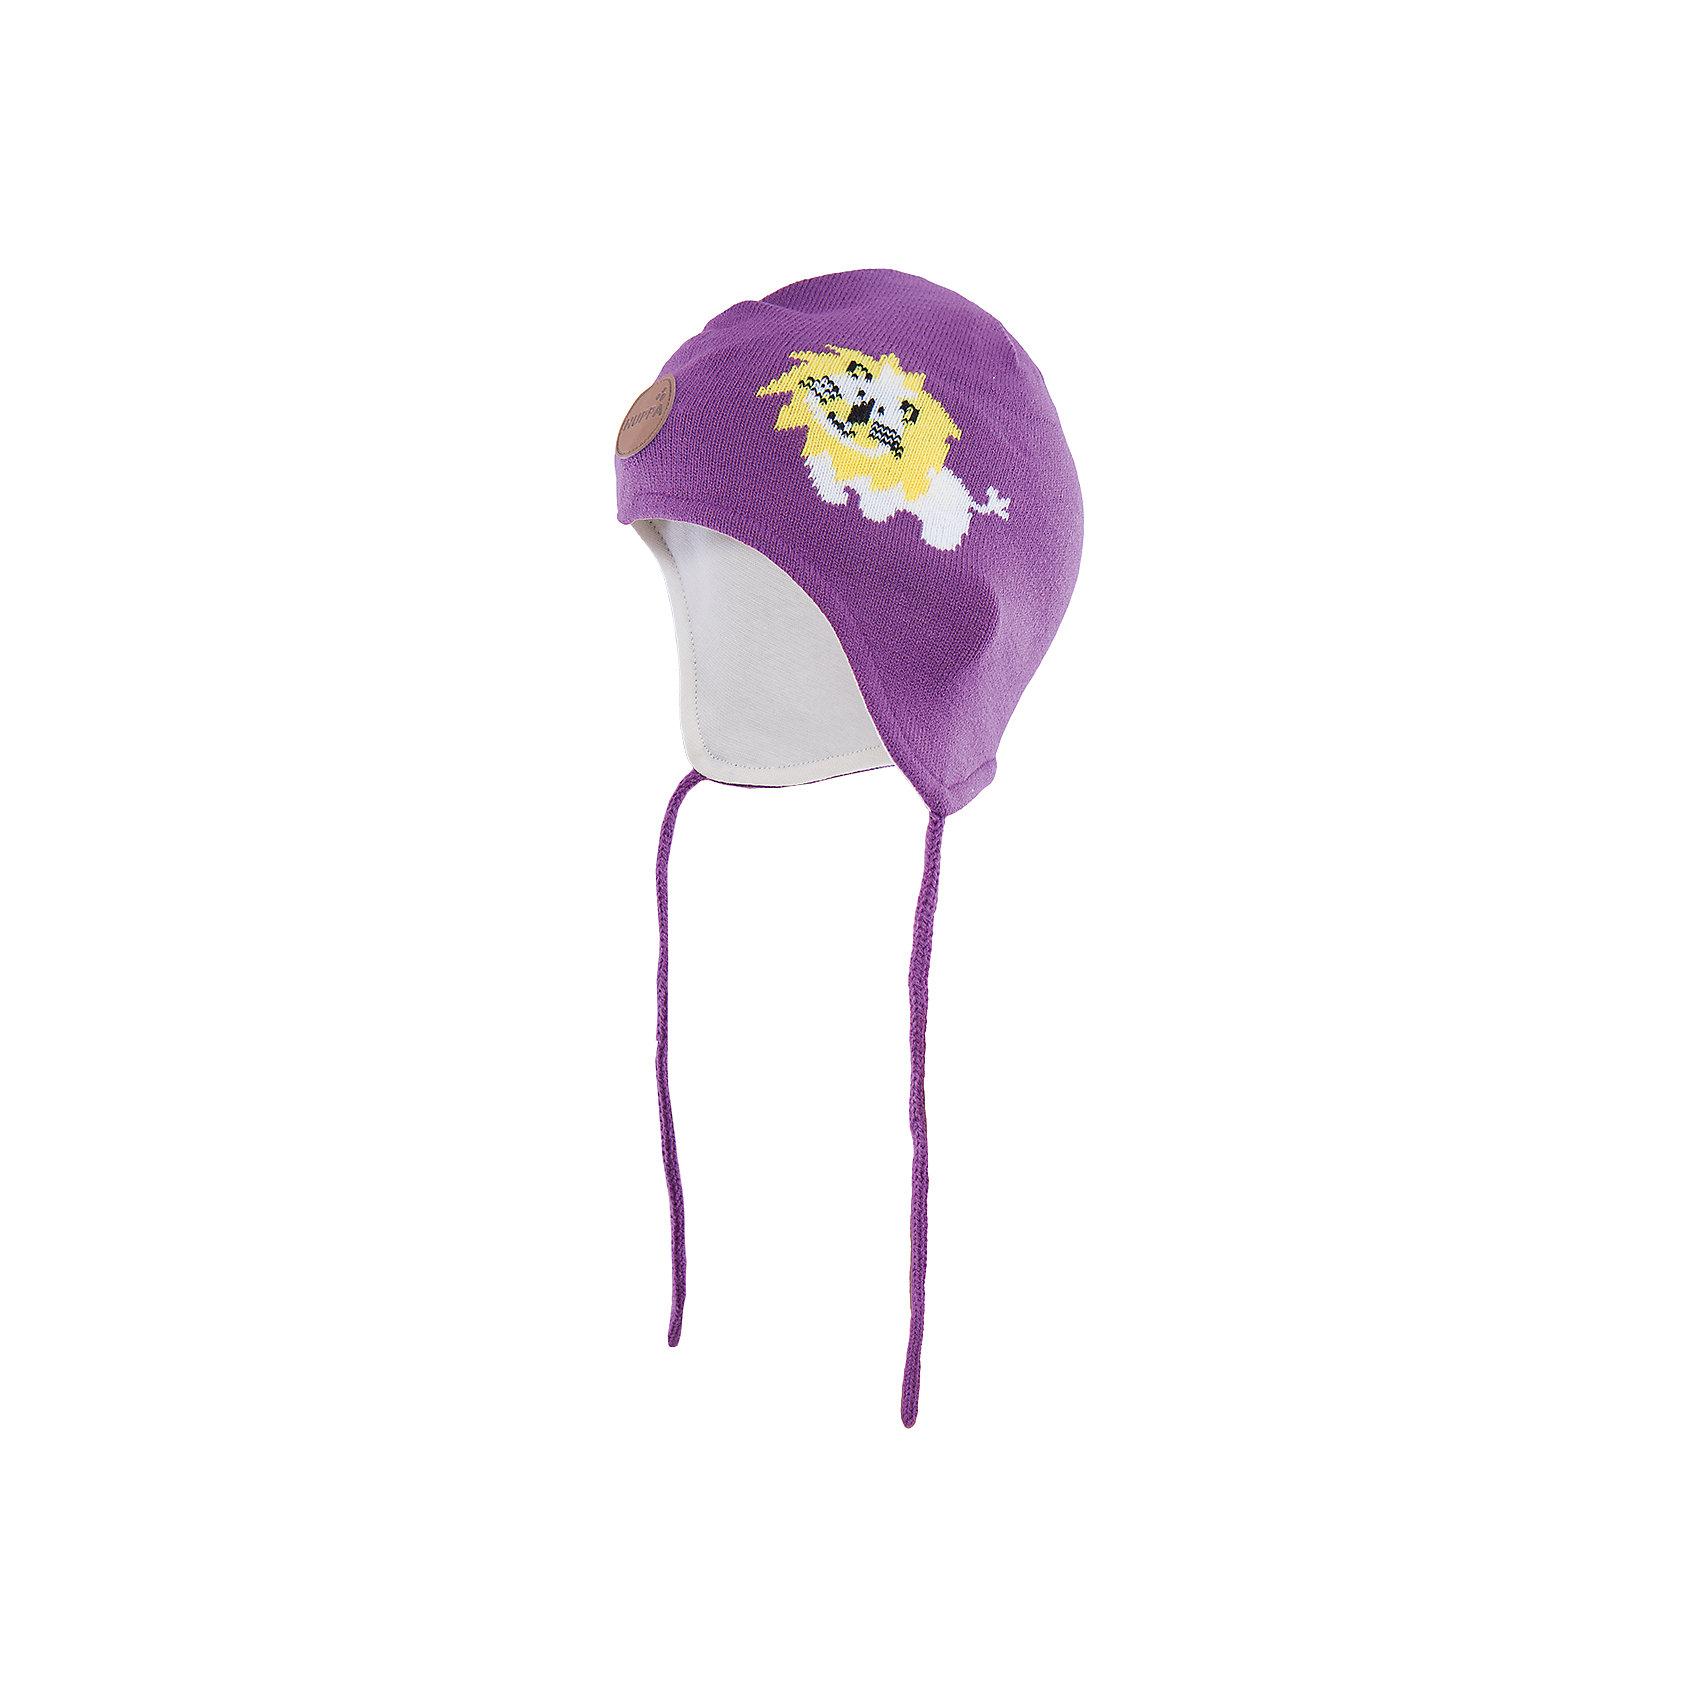 Шапка  HuppaГоловные уборы<br>Эта шапка Lion от Huppa(хуппа) надежно закрывает голову, уши и защищает от морозов. Она изготовлена из акрила, отлично сохраняющего тепло. Подкладка из хлопка приятна тела и не вызывает раздражения на чувствительной коже ребенка. Рисунок с милым львенком добавит веселые нотки к образу ребенка.<br><br>Дополнительная информация:<br>Цвет: лиловый<br>Материал: 100% акрил<br>Подкладка: 100% хлопок<br><br>Шапку Huppa(хуппа) вы можете приобрести в нашем интернет-магазине.<br><br>Ширина мм: 89<br>Глубина мм: 117<br>Высота мм: 44<br>Вес г: 155<br>Цвет: фиолетовый<br>Возраст от месяцев: 9<br>Возраст до месяцев: 12<br>Пол: Женский<br>Возраст: Детский<br>Размер: 43-45,51-53,47-49<br>SKU: 4923541